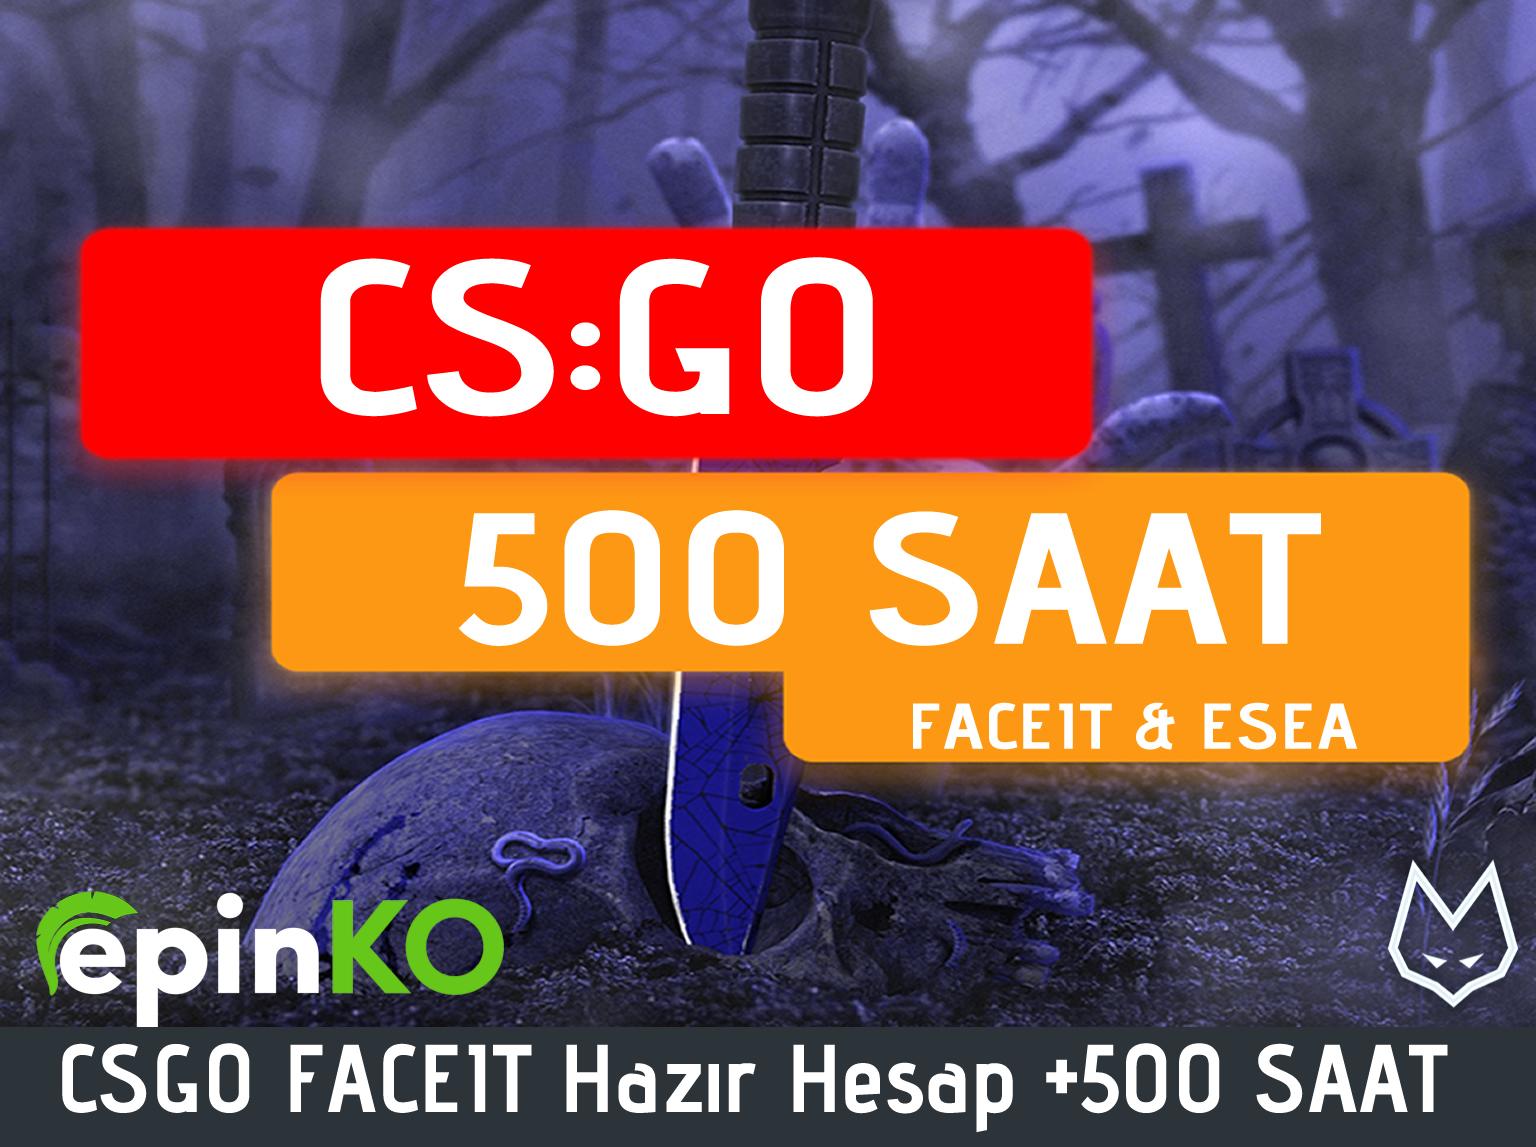 CSGO FACEIT Hazır Hesap +500 SAAT